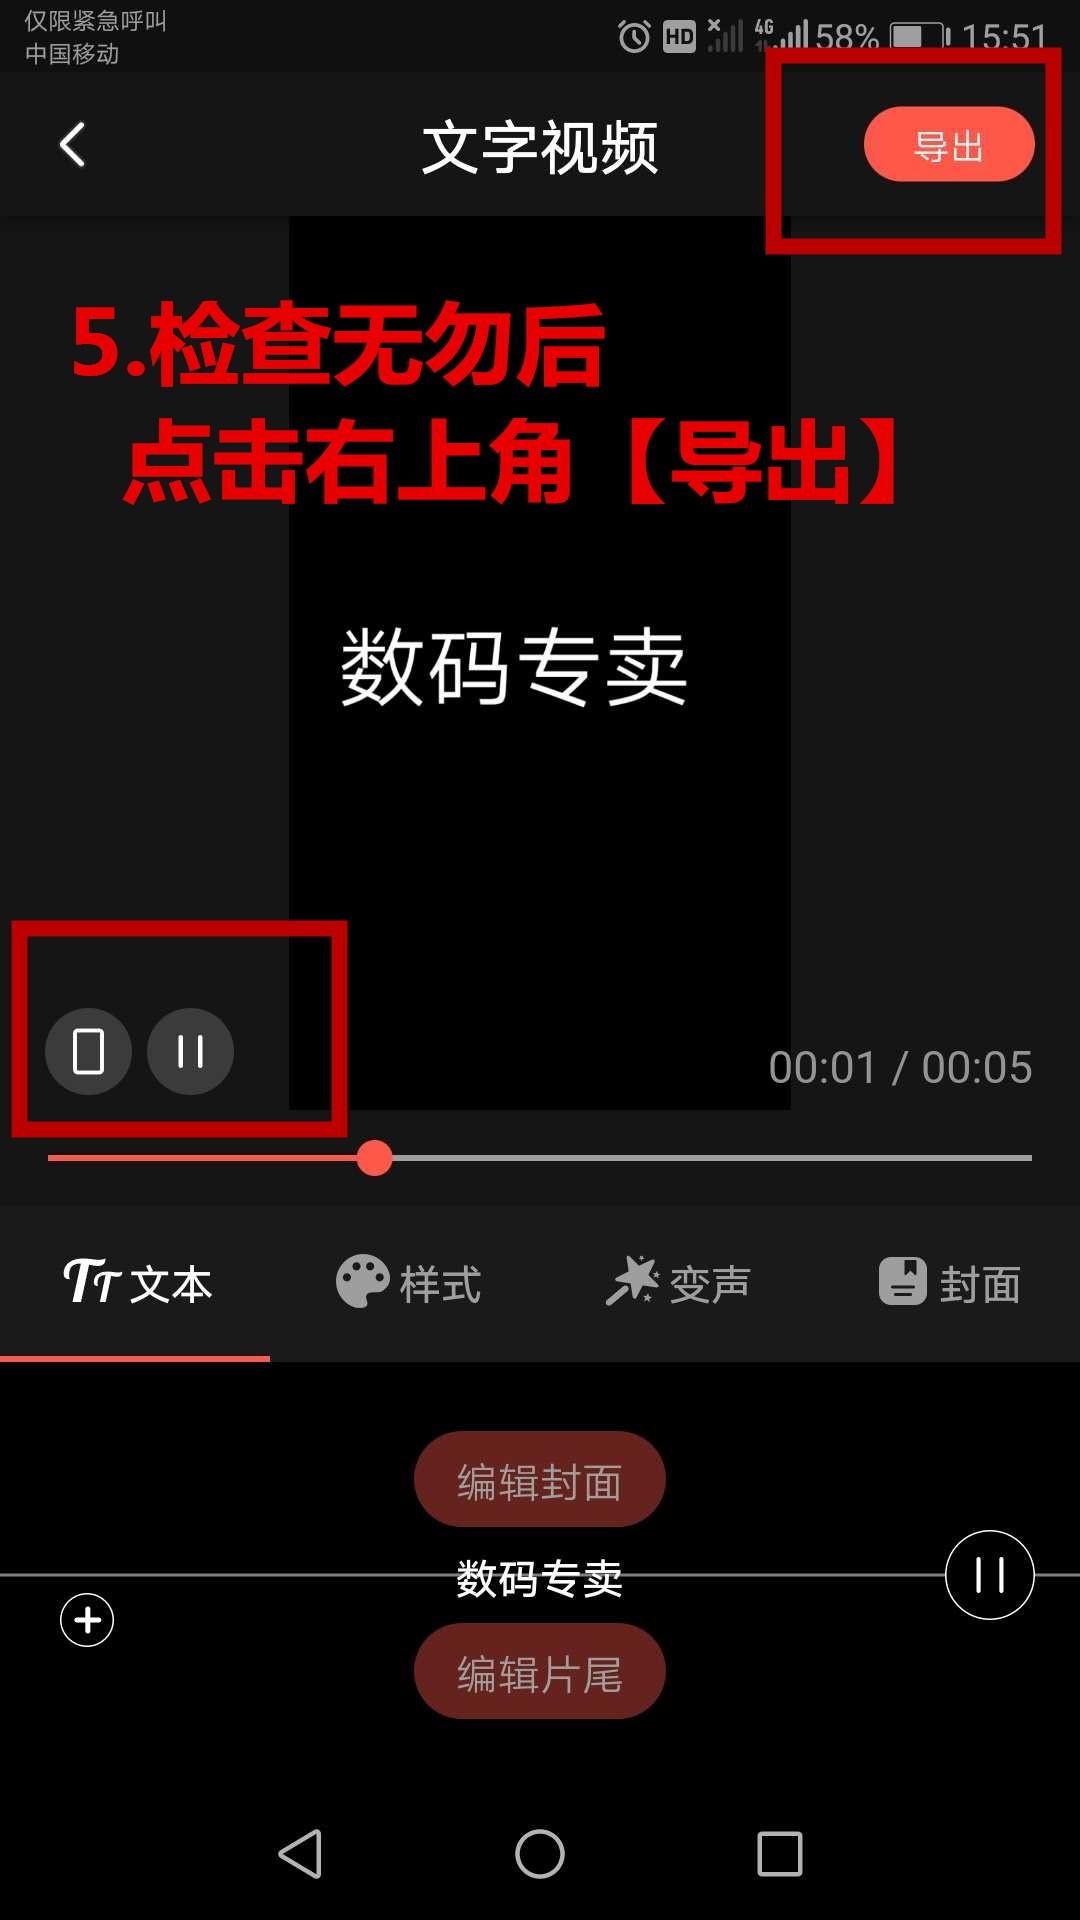 种草|独一无二的抖音文字视频软件,操作简单又免费!